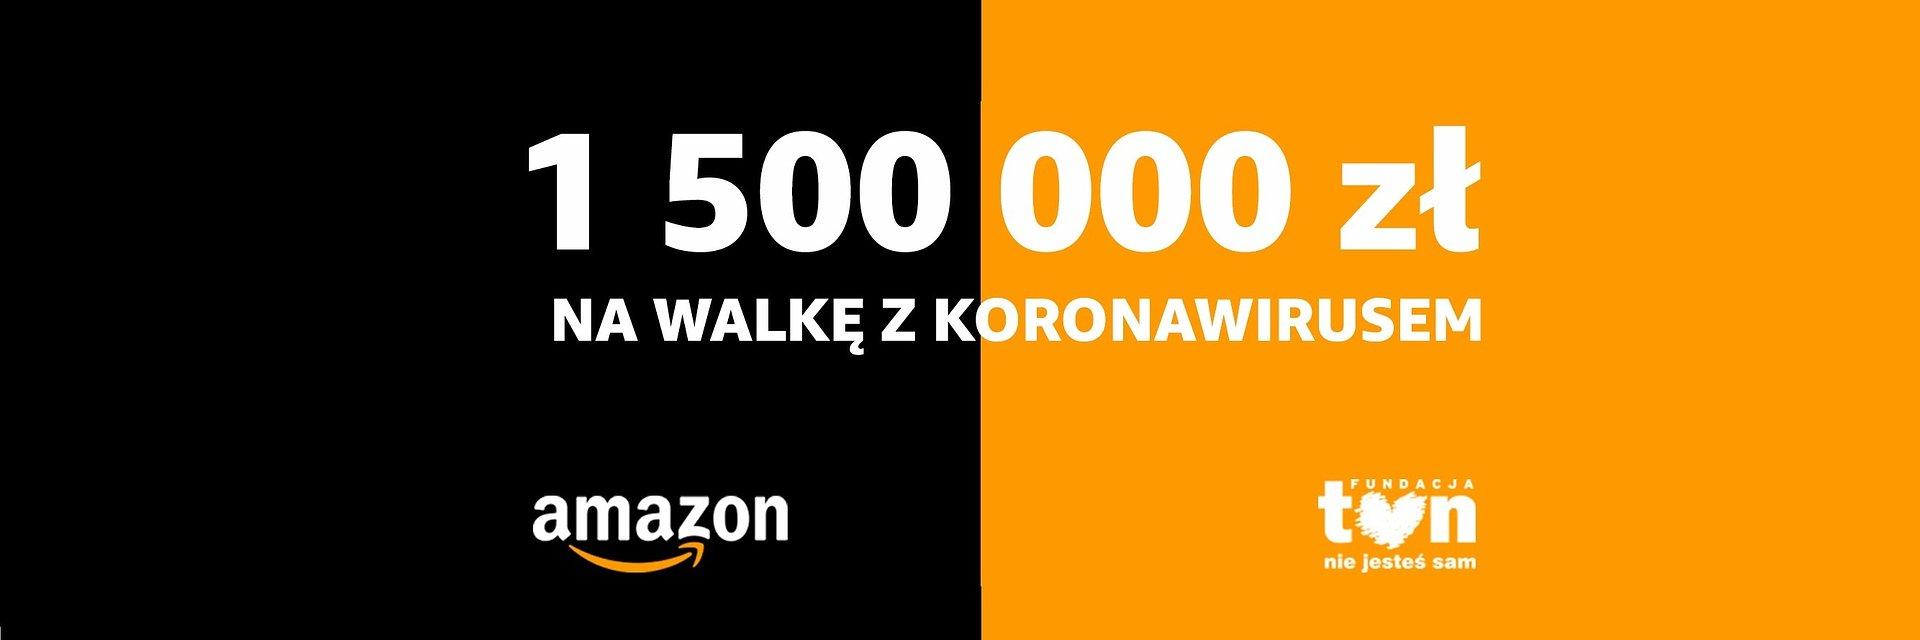 """Fundacja TVN """"Nie jesteś sam"""" otrzymała od Amazon ponad 1,5 mln zł na walkę z koronawirusem"""